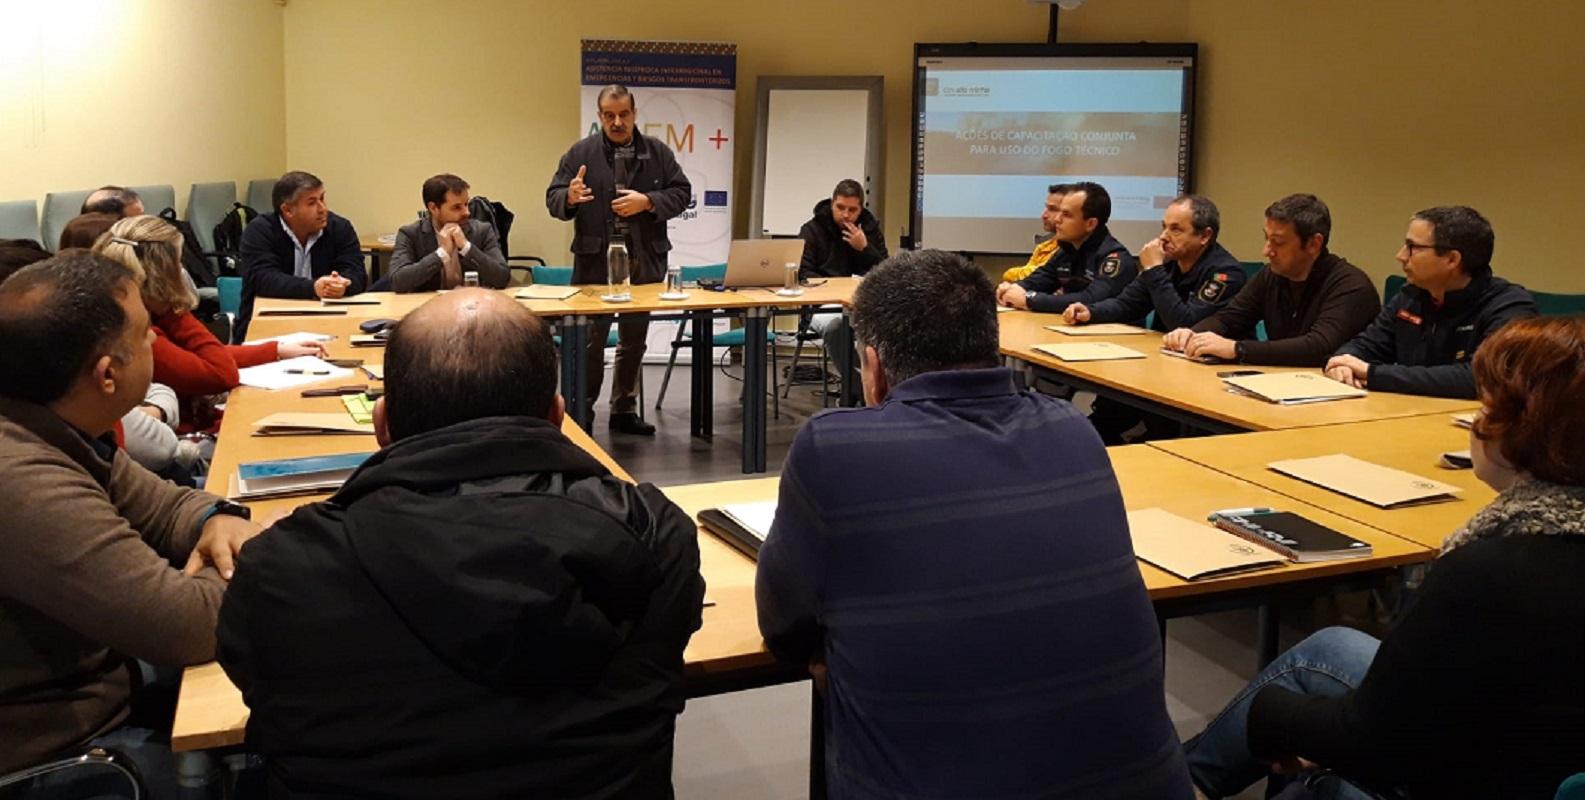 Formação em uso de fogo técnico no combate a incêndios envolve técnicos do Alto Minho e da Galiza